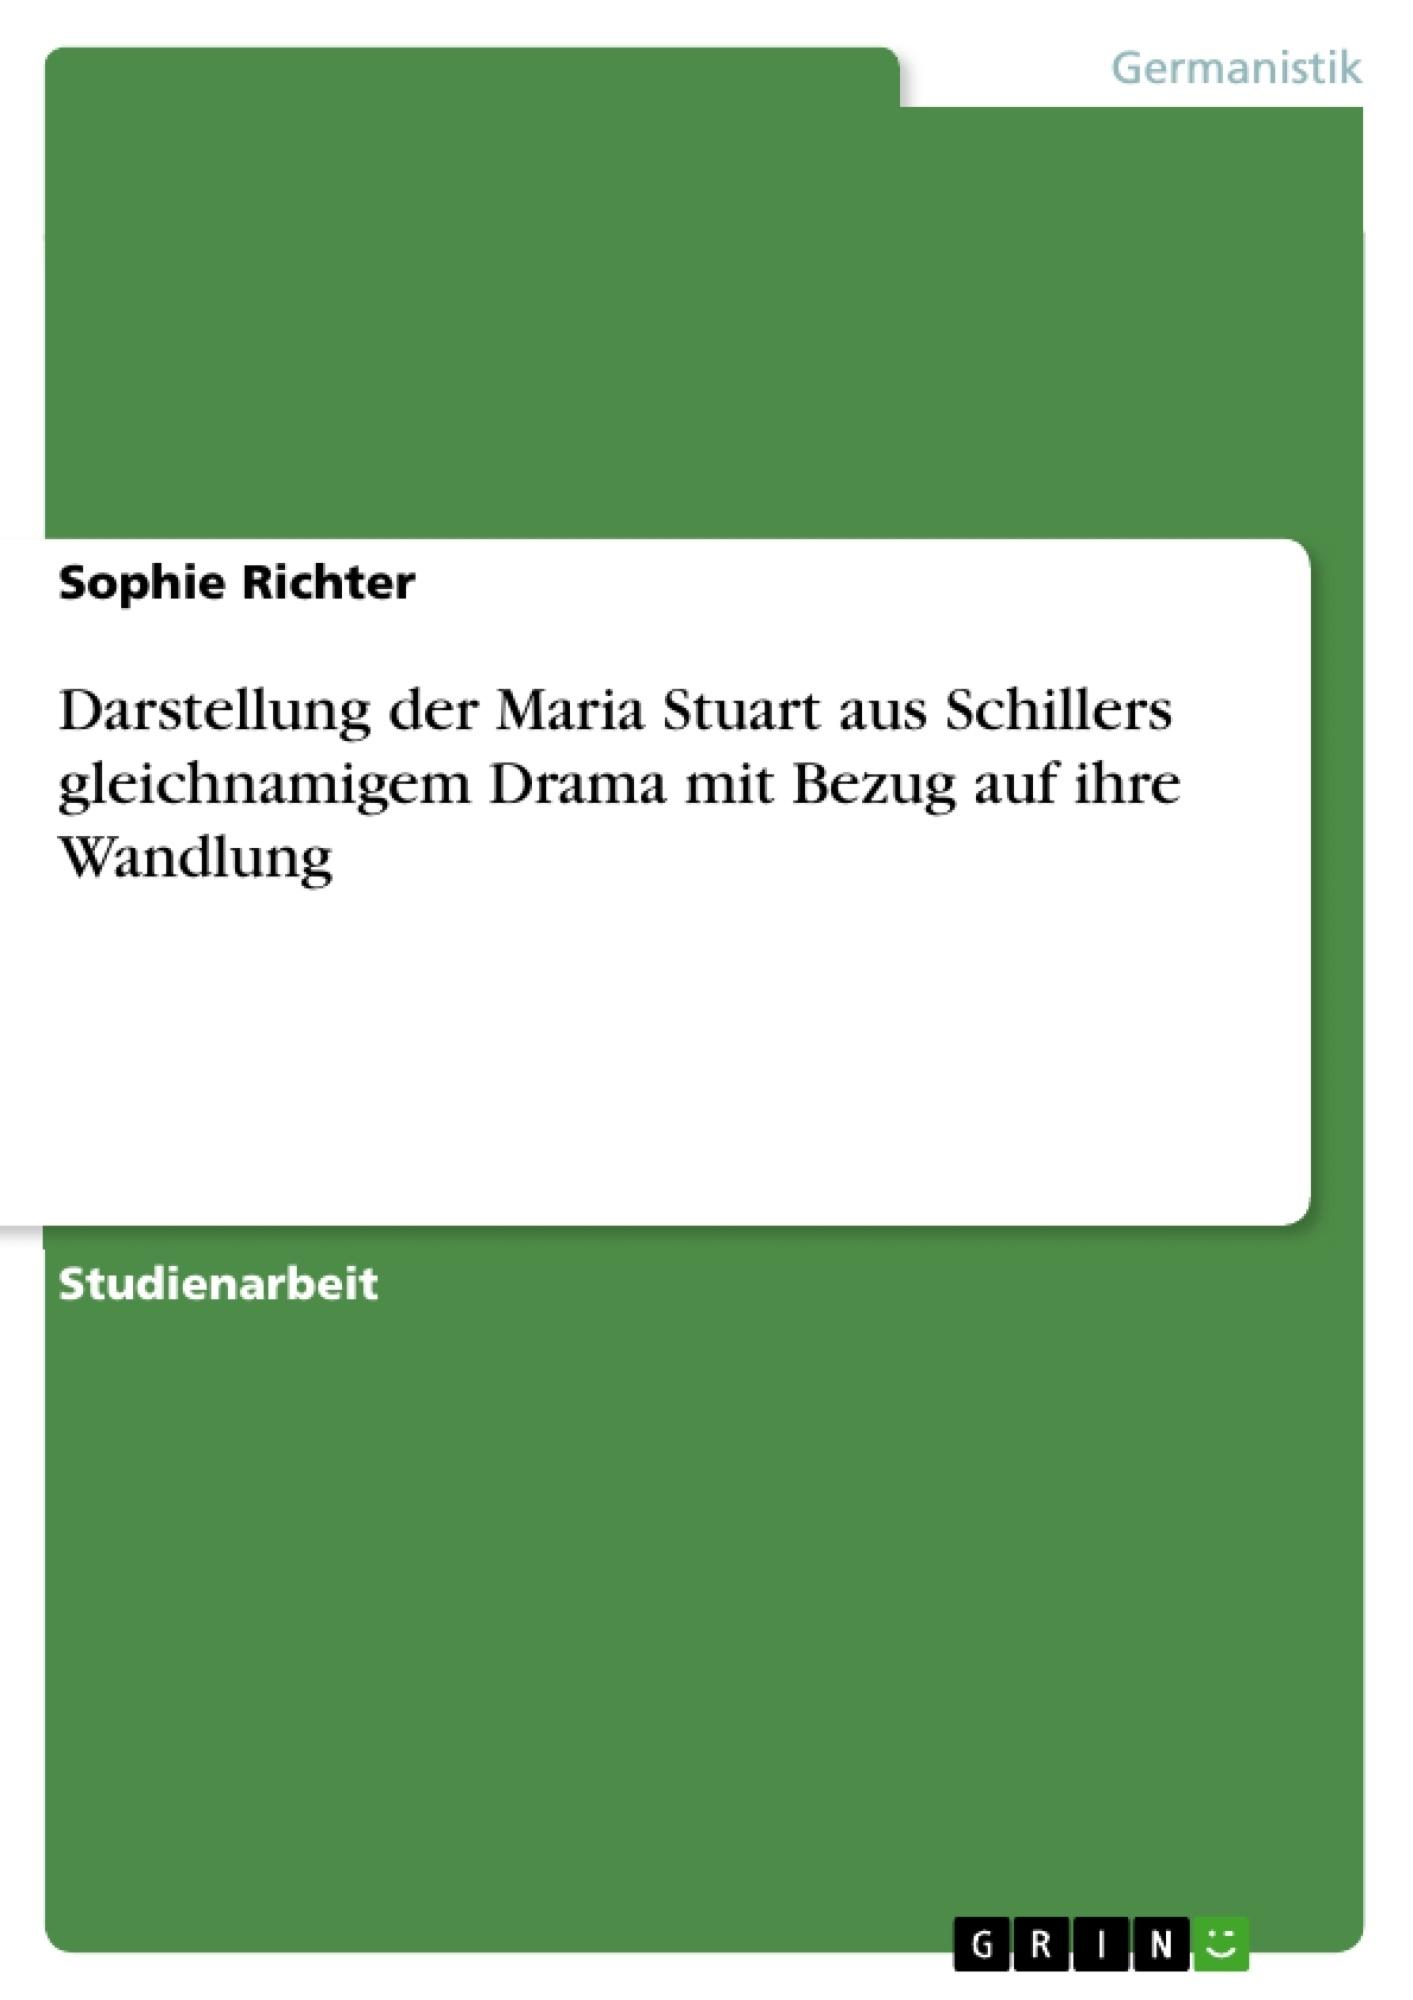 Titel: Darstellung der Maria Stuart aus Schillers gleichnamigem Drama mit Bezug auf ihre Wandlung